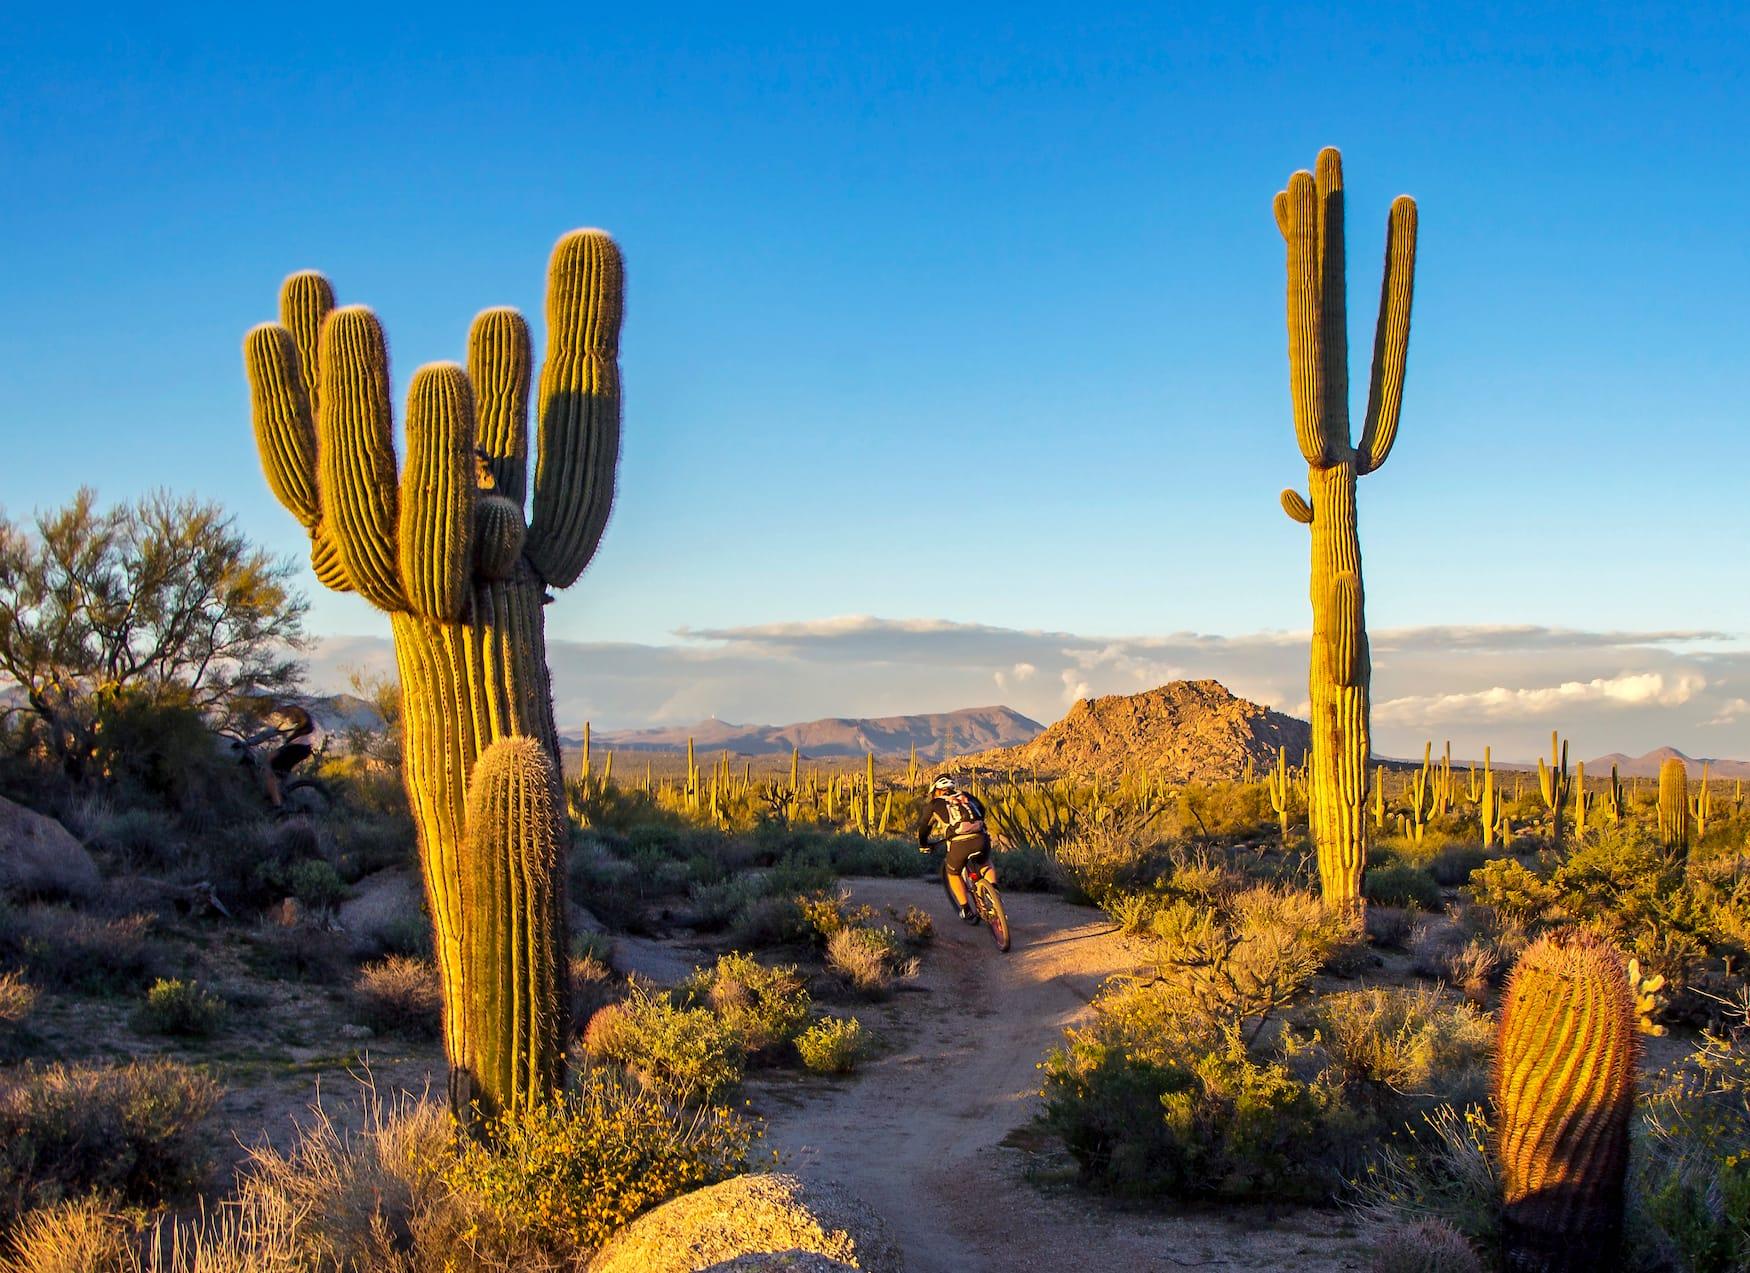 Radweg in Scottsdale, USA, vorbei an Kakteen und trockenen Landschaften